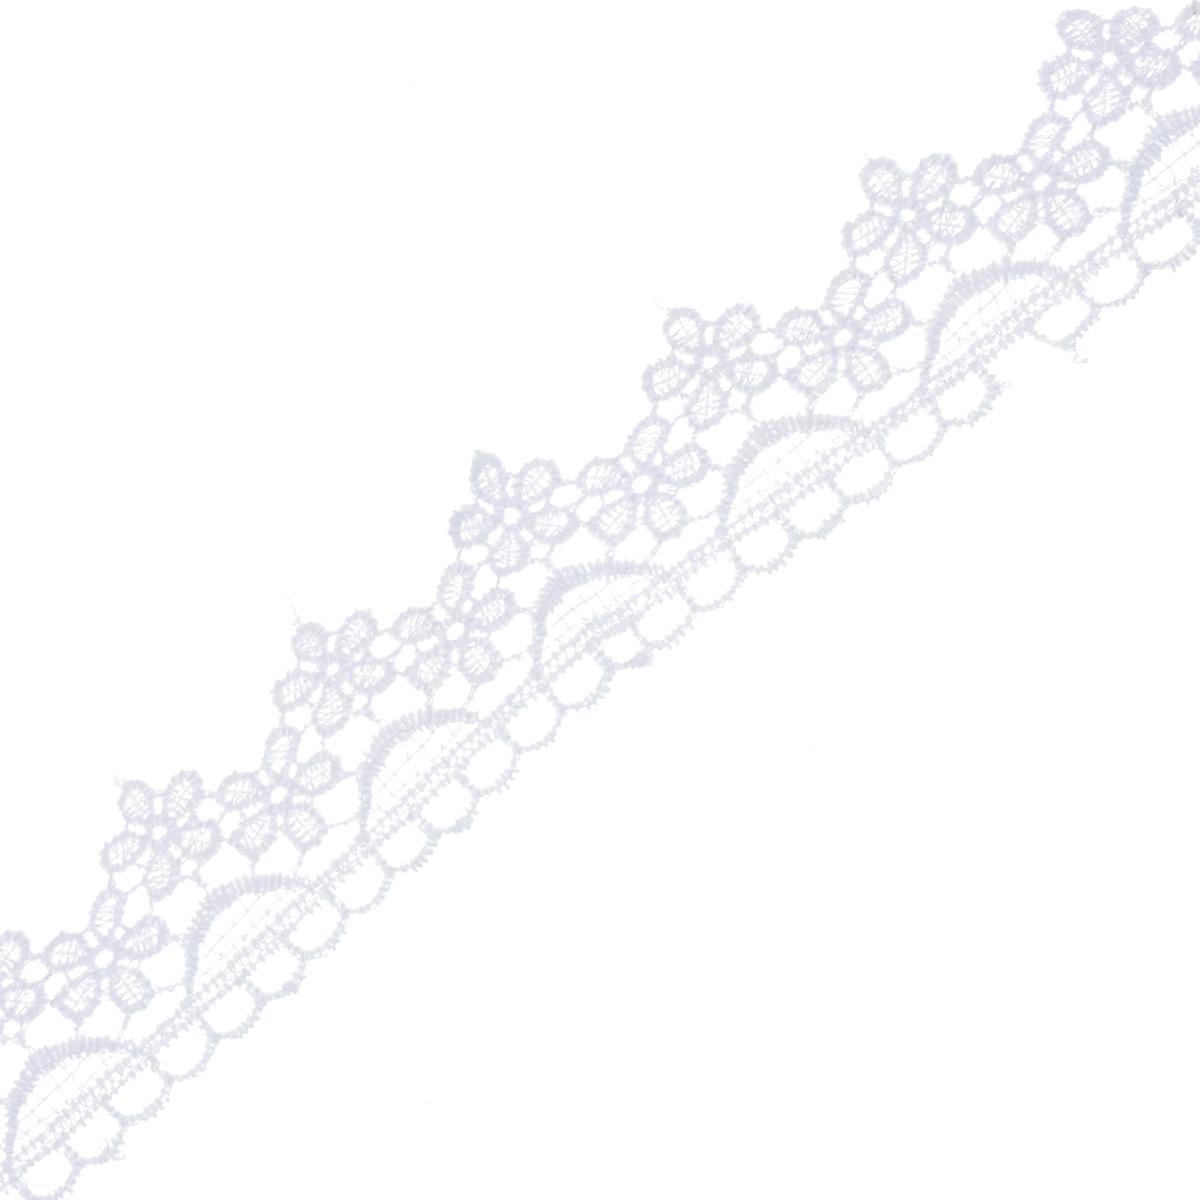 Кружево вязаное Астра, цвет: белый, ширина 3 см, длина 9 м. 77043827704382Кружево Астра, изготовленное из 35% хлопка и 65% полиэстера, предназначено для декорирования. Вязаное кружево часто применяется для завершения таких изделий, как шали, платки, кофточки, салфетки, скатерти, а также для изготовления воротников, манжет, различных отделок. Кружева широко применяются в оформлении интерьера: в виде декоративных панно, скатертей, занавесок, постельного белья (подушки, покрывала), салфеток и подстаканников. Ширина: 3 см.Длина: 9 м.